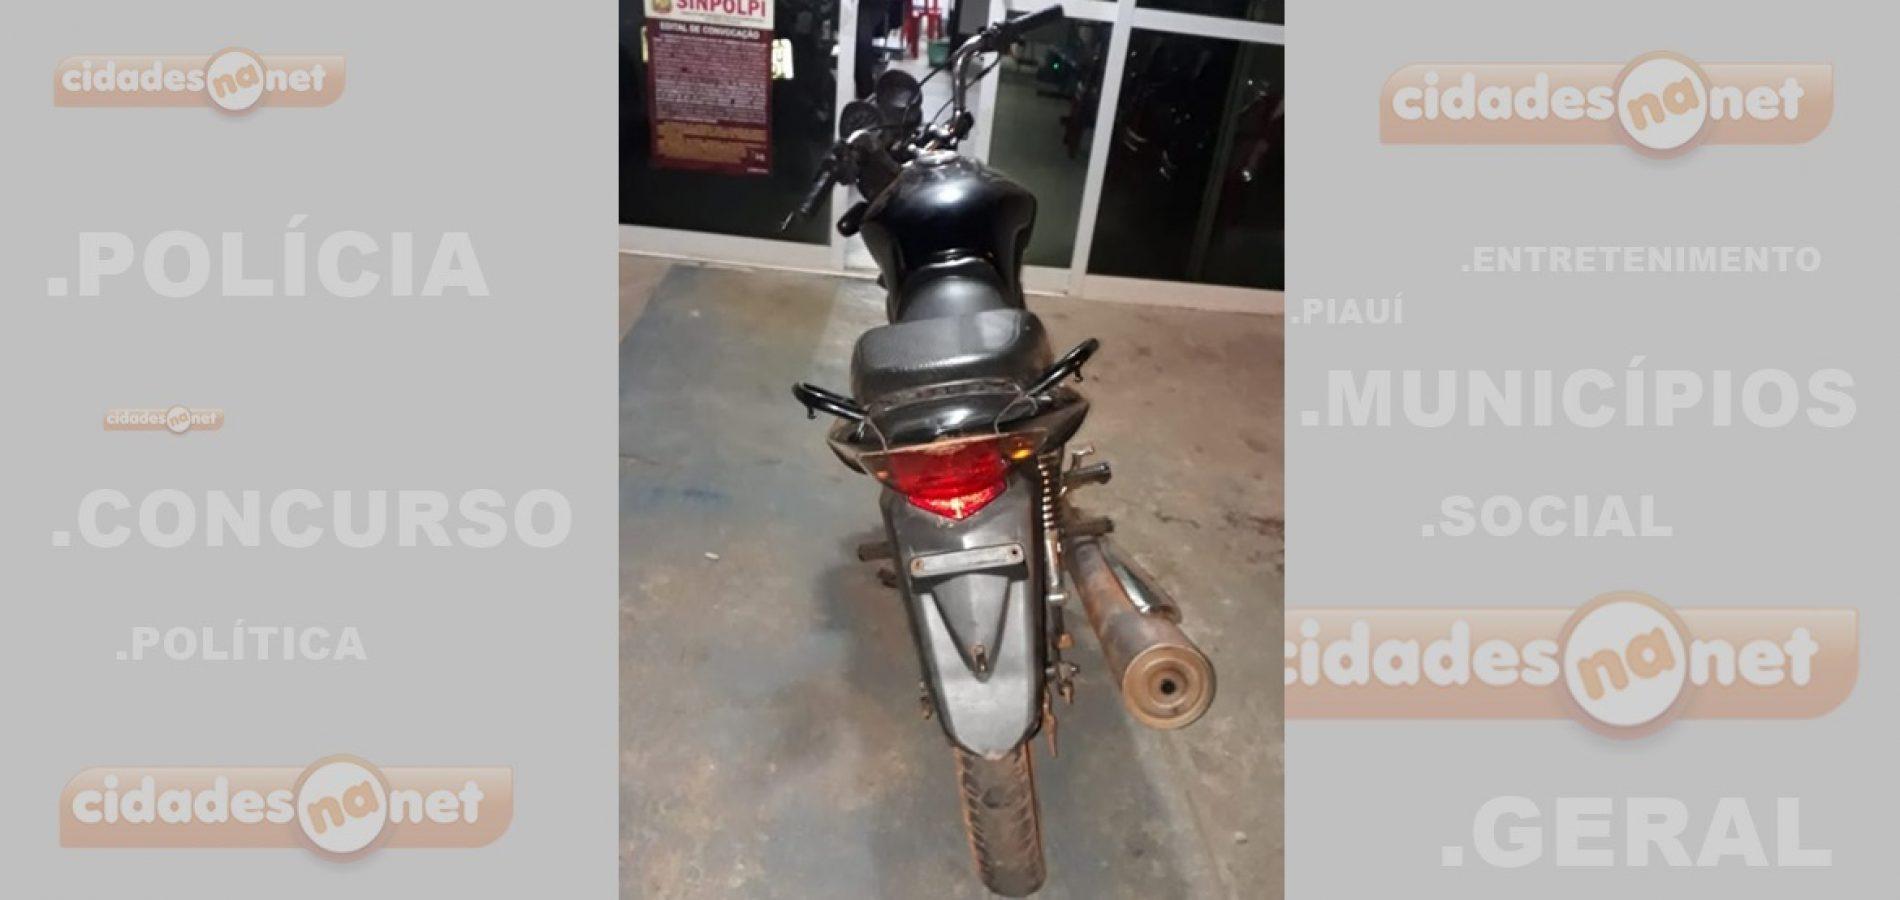 Adolescente é apreendido com veículo roubado em Itainópolis